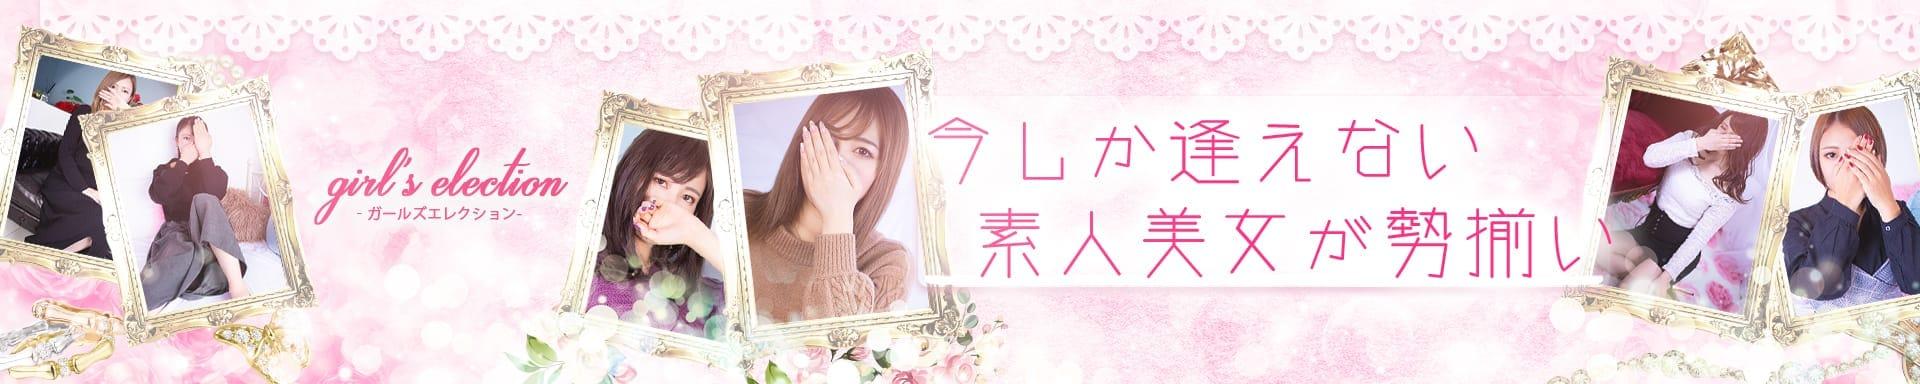 girl's election(ガールズ エレクション) - 青森市近郊・弘前